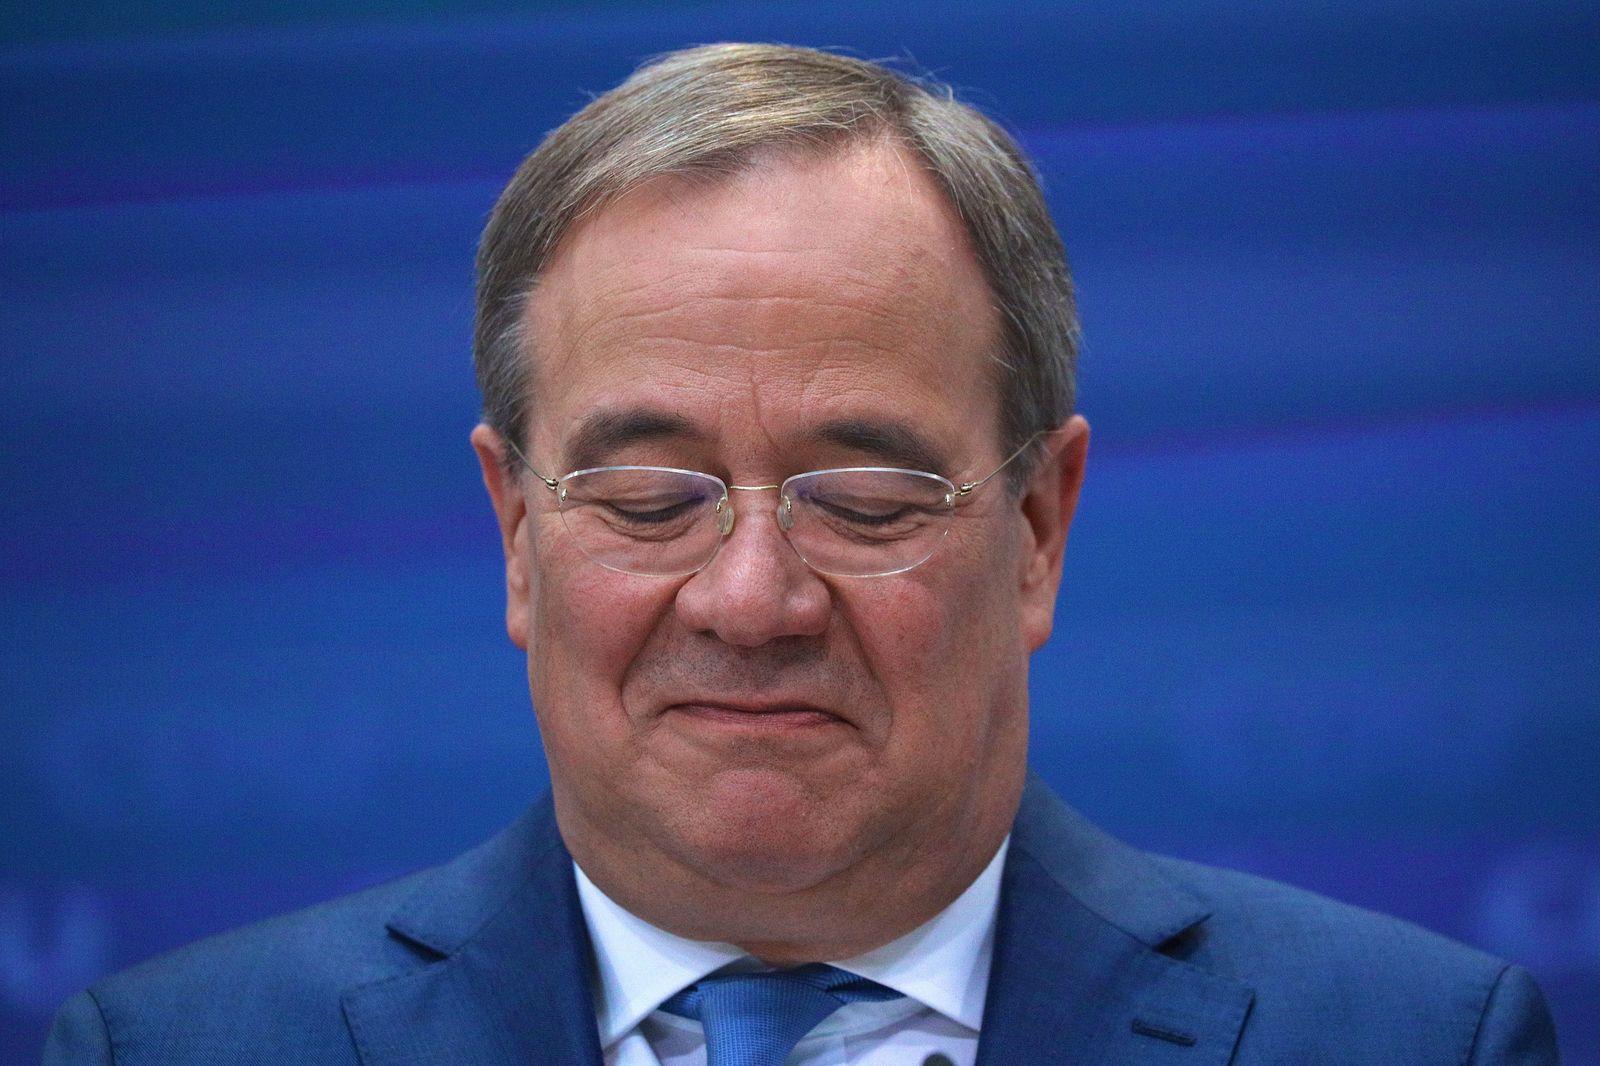 Germany: CDU press conference